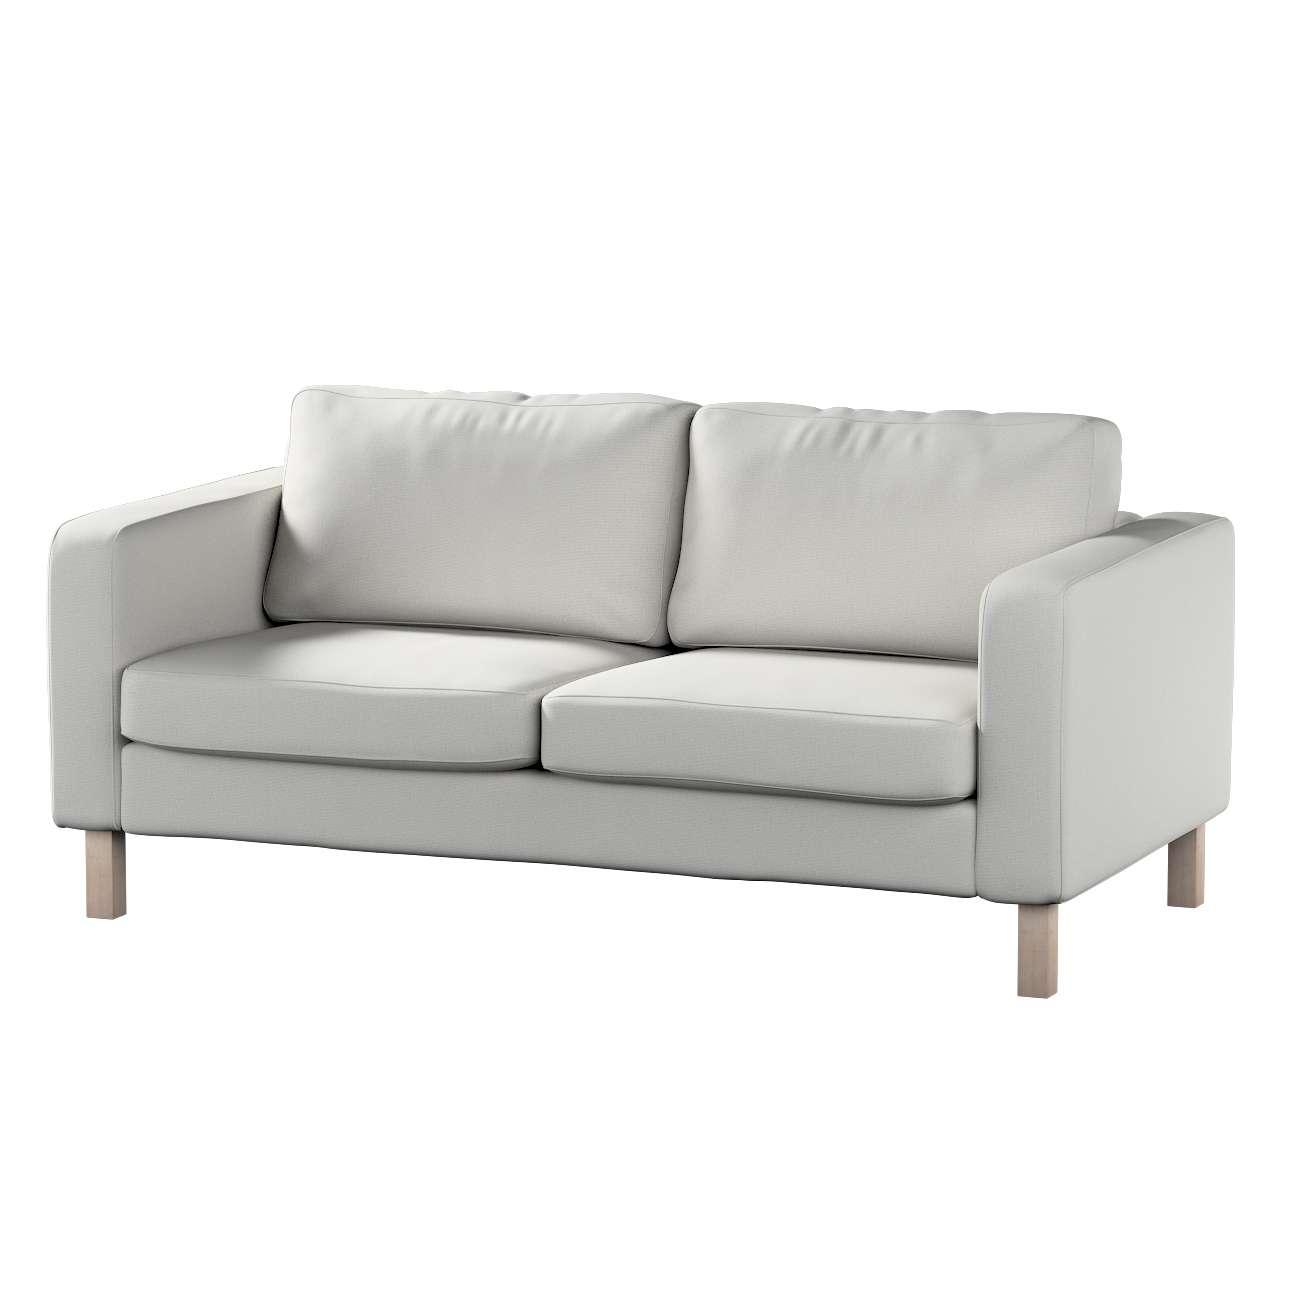 Pokrowiec na sofę Karlstad 2-osobową nierozkładaną krótki w kolekcji Etna , tkanina: 705-90